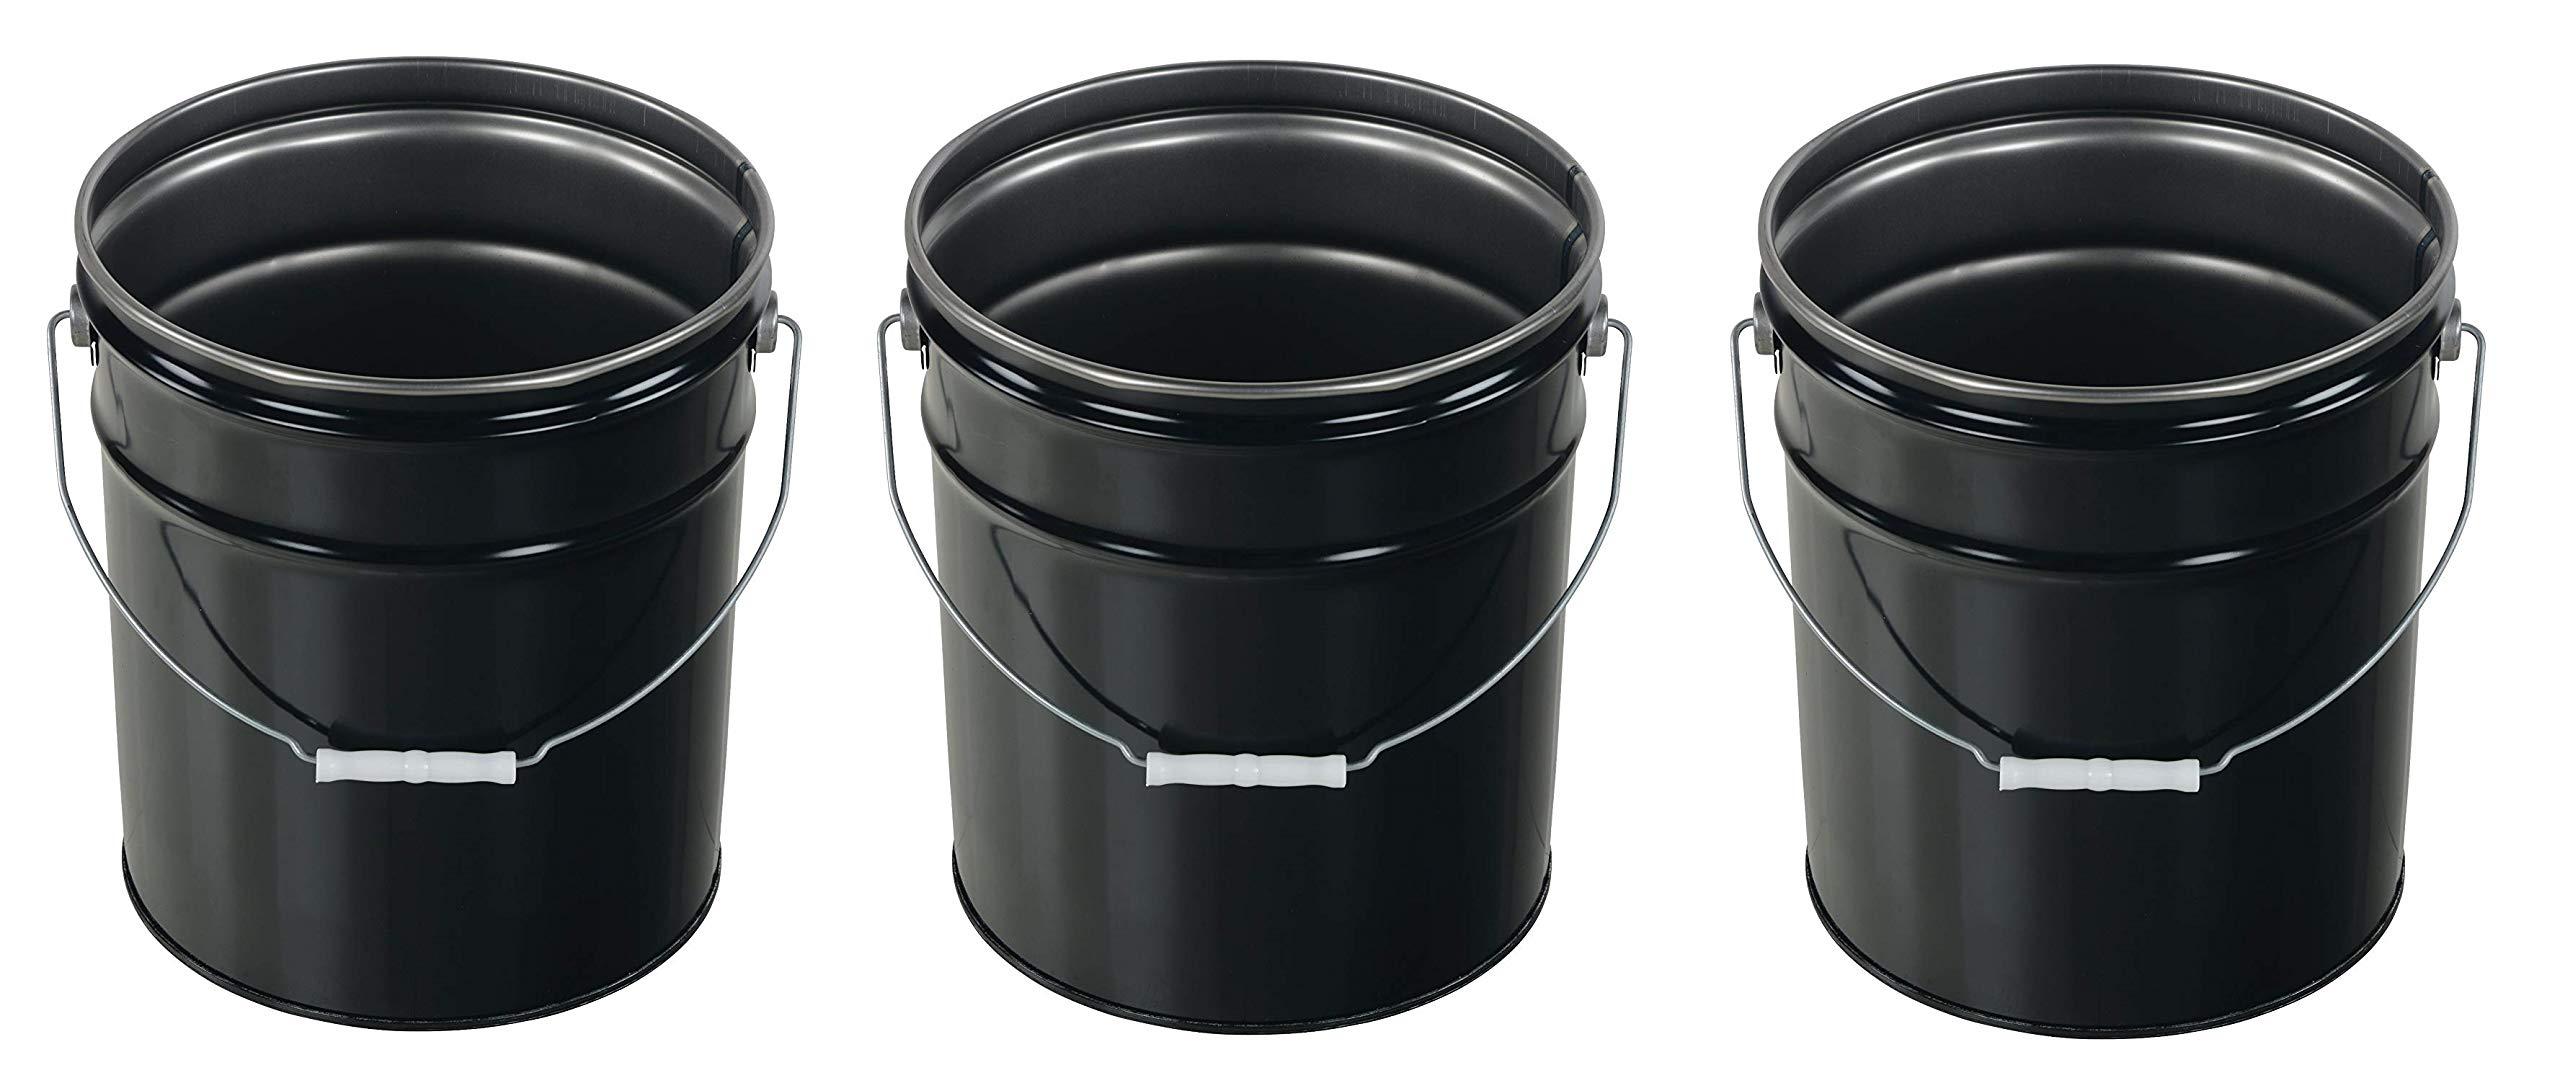 Vestil Pail-STL-RI-UN Steel Pail with Handle, 5 Gallon Capacity, Black (Pack of 3)